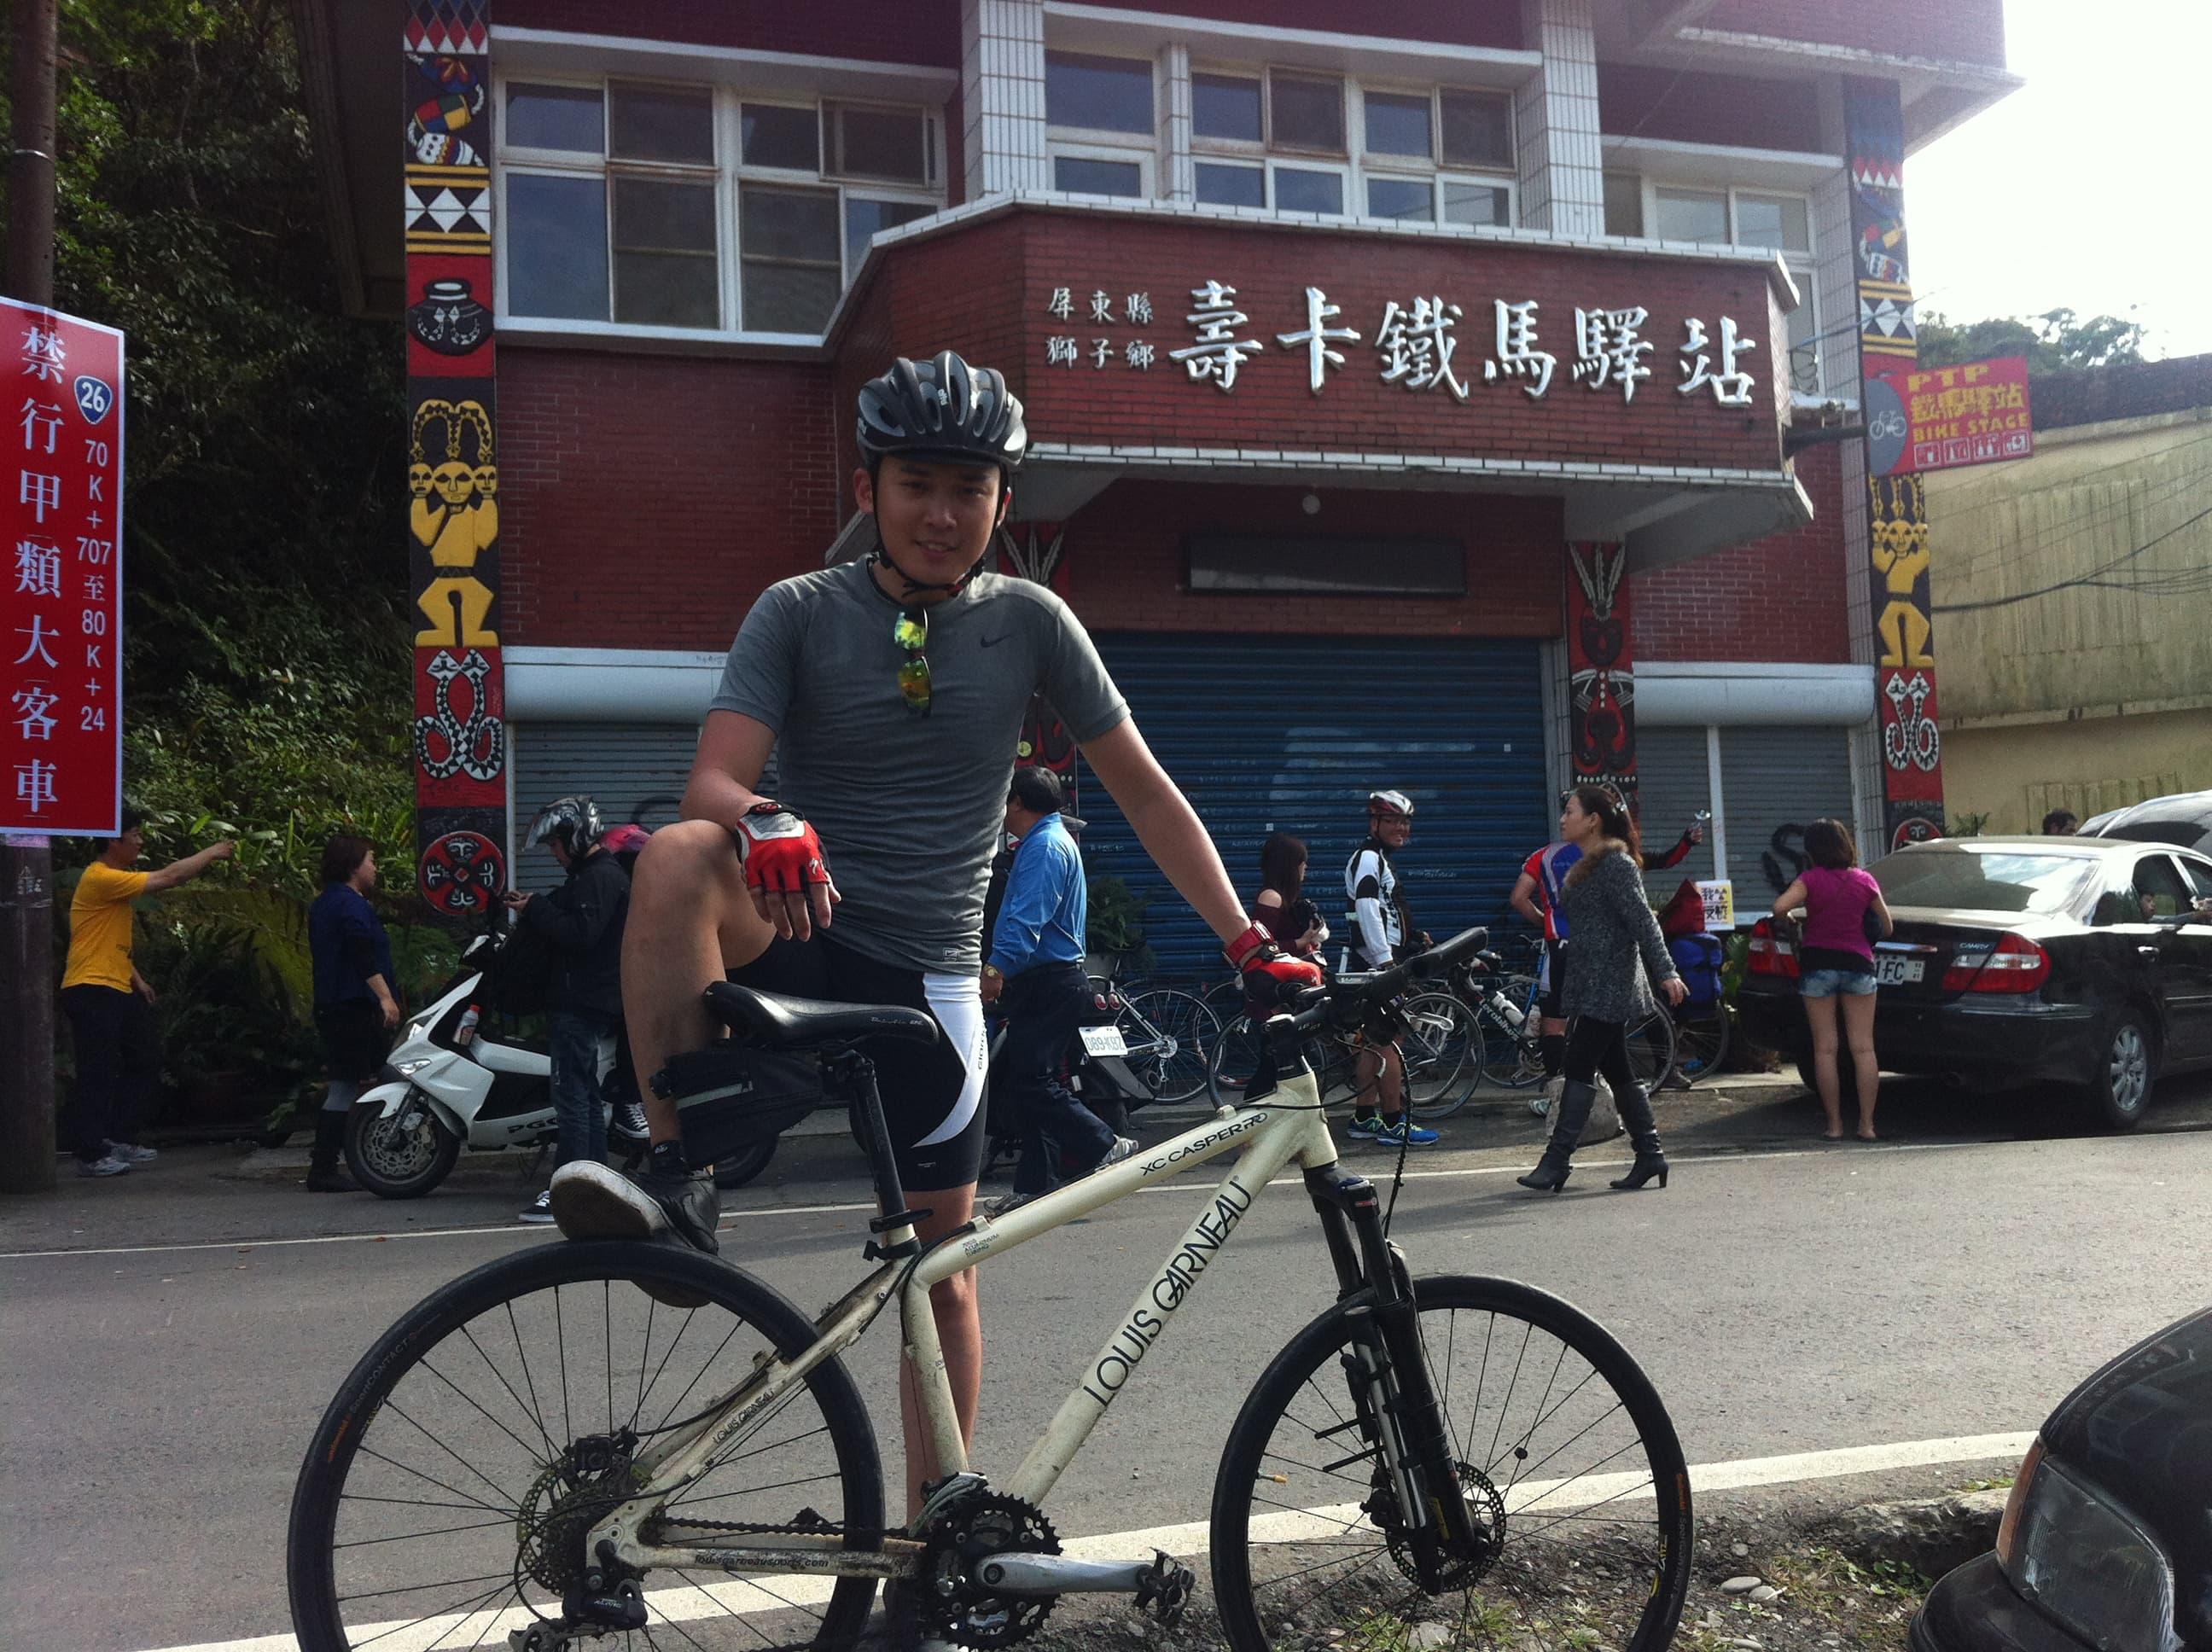 當年的我,連爬一個壽卡都崩潰想放棄,做了單車百岳之後才知道原來壽卡只是小兒科(2013,屏東獅子)